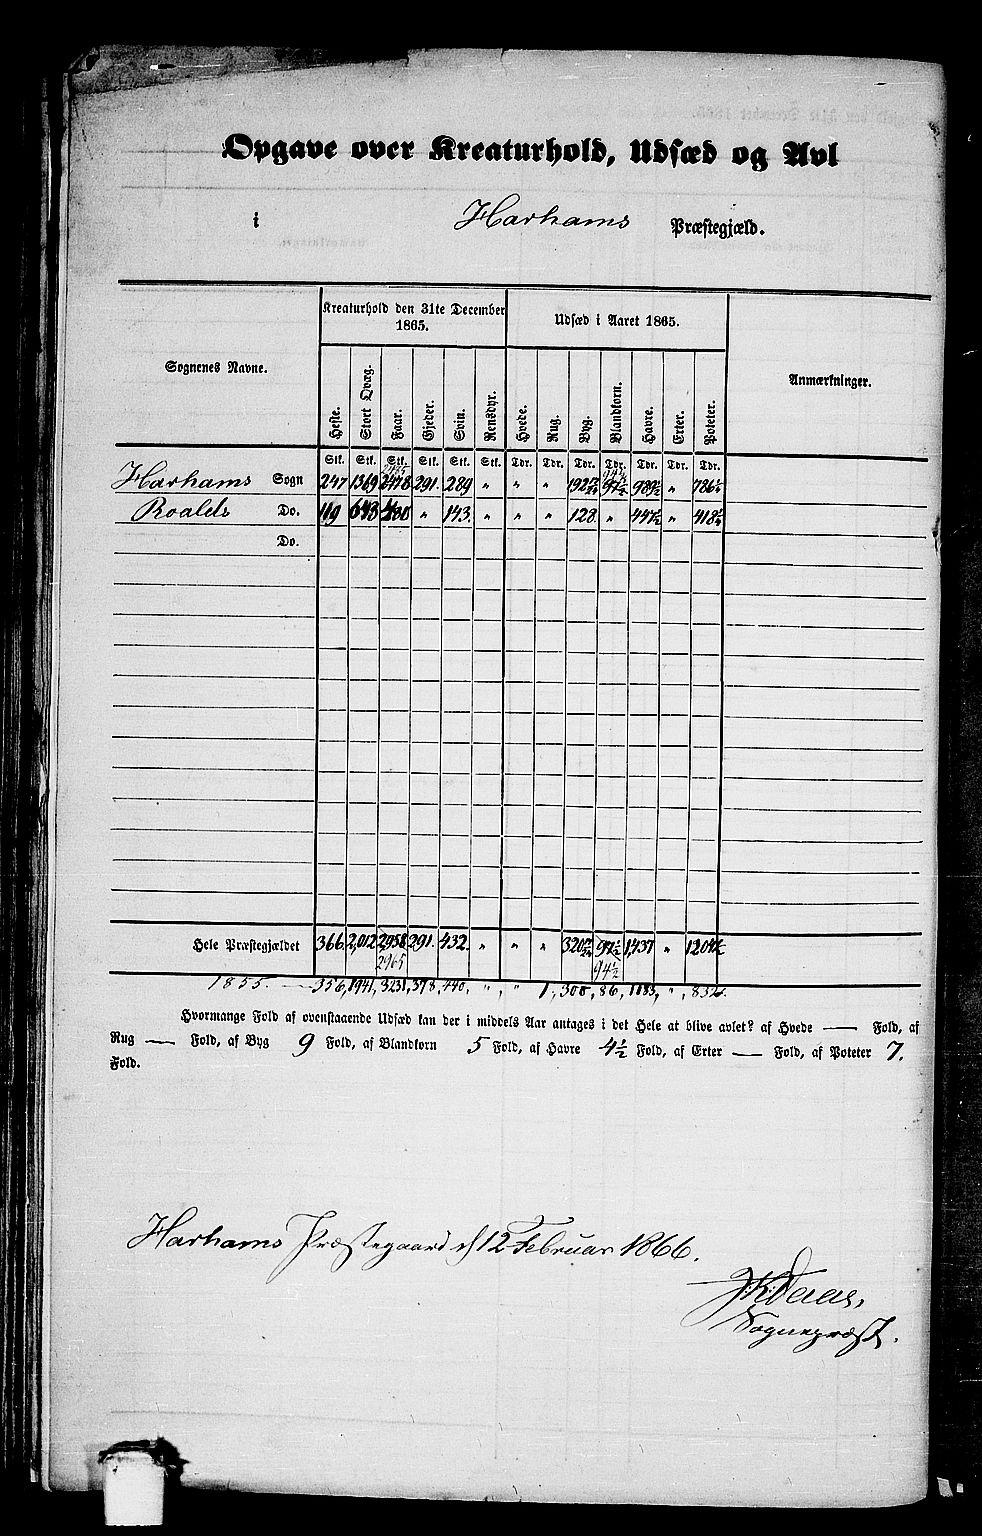 RA, Folketelling 1865 for 1534P Haram prestegjeld, 1865, s. 5